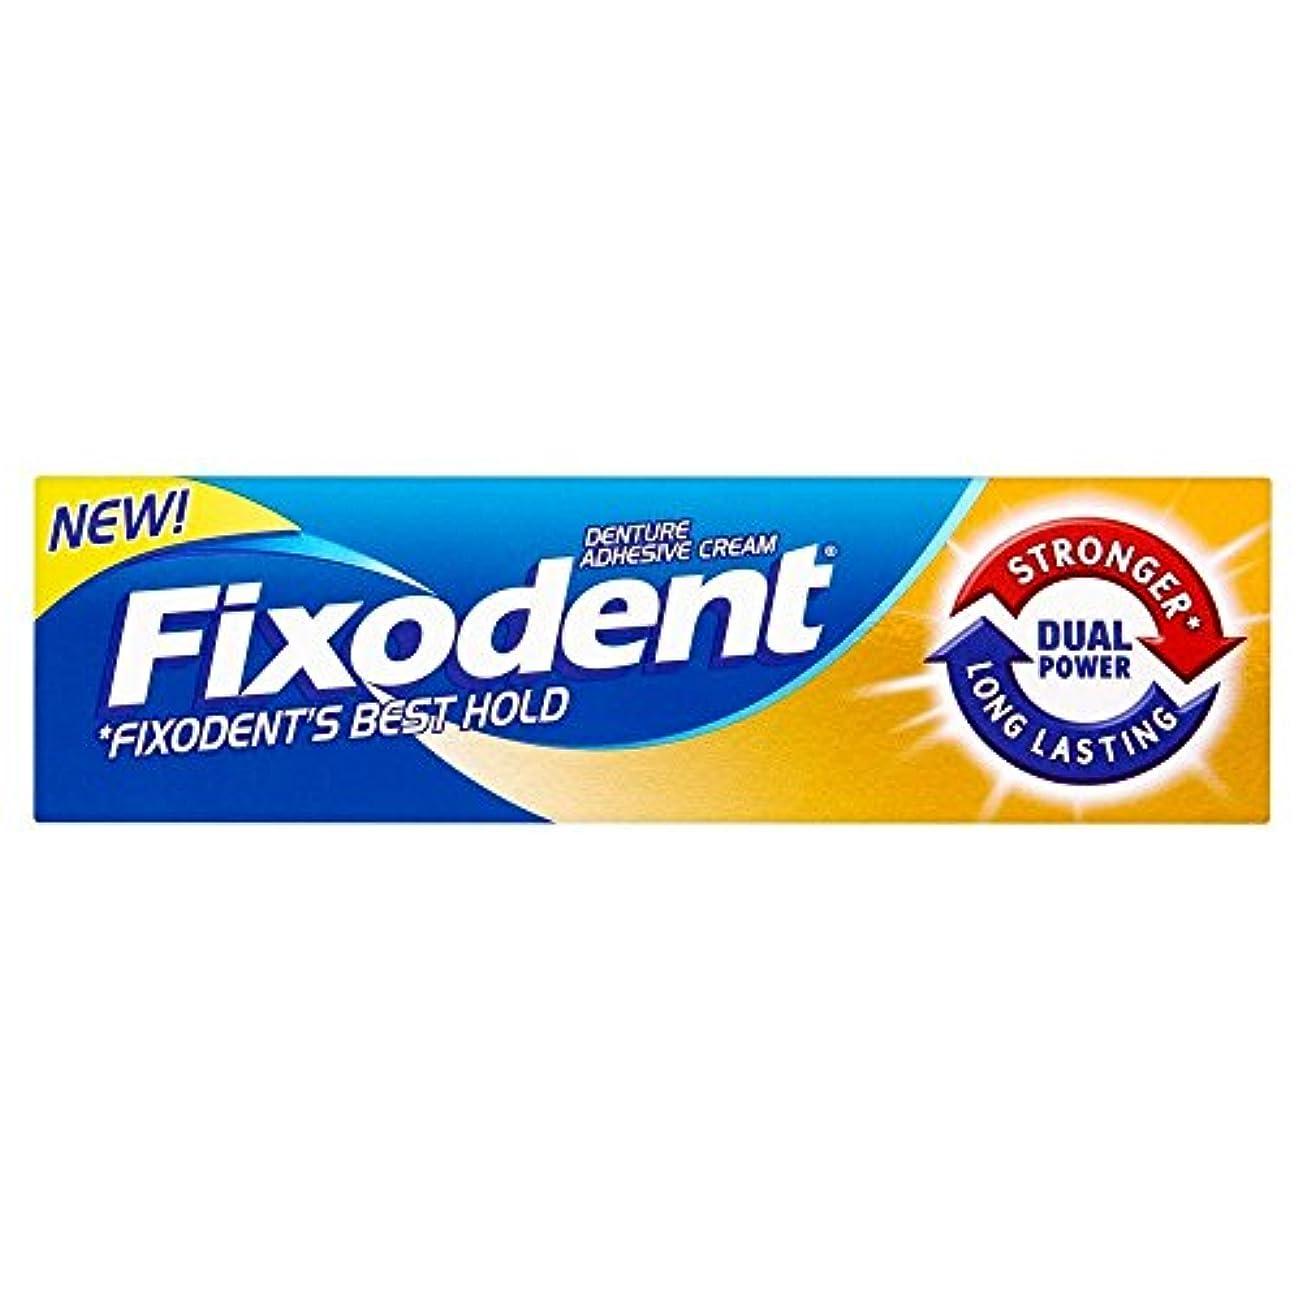 詩謙虚なデクリメントFixodent Denture Adhesive Cream Dual Power (35ml) Fixodent義歯接着剤クリームデュアルパワー( 35ミリリットル) [並行輸入品]